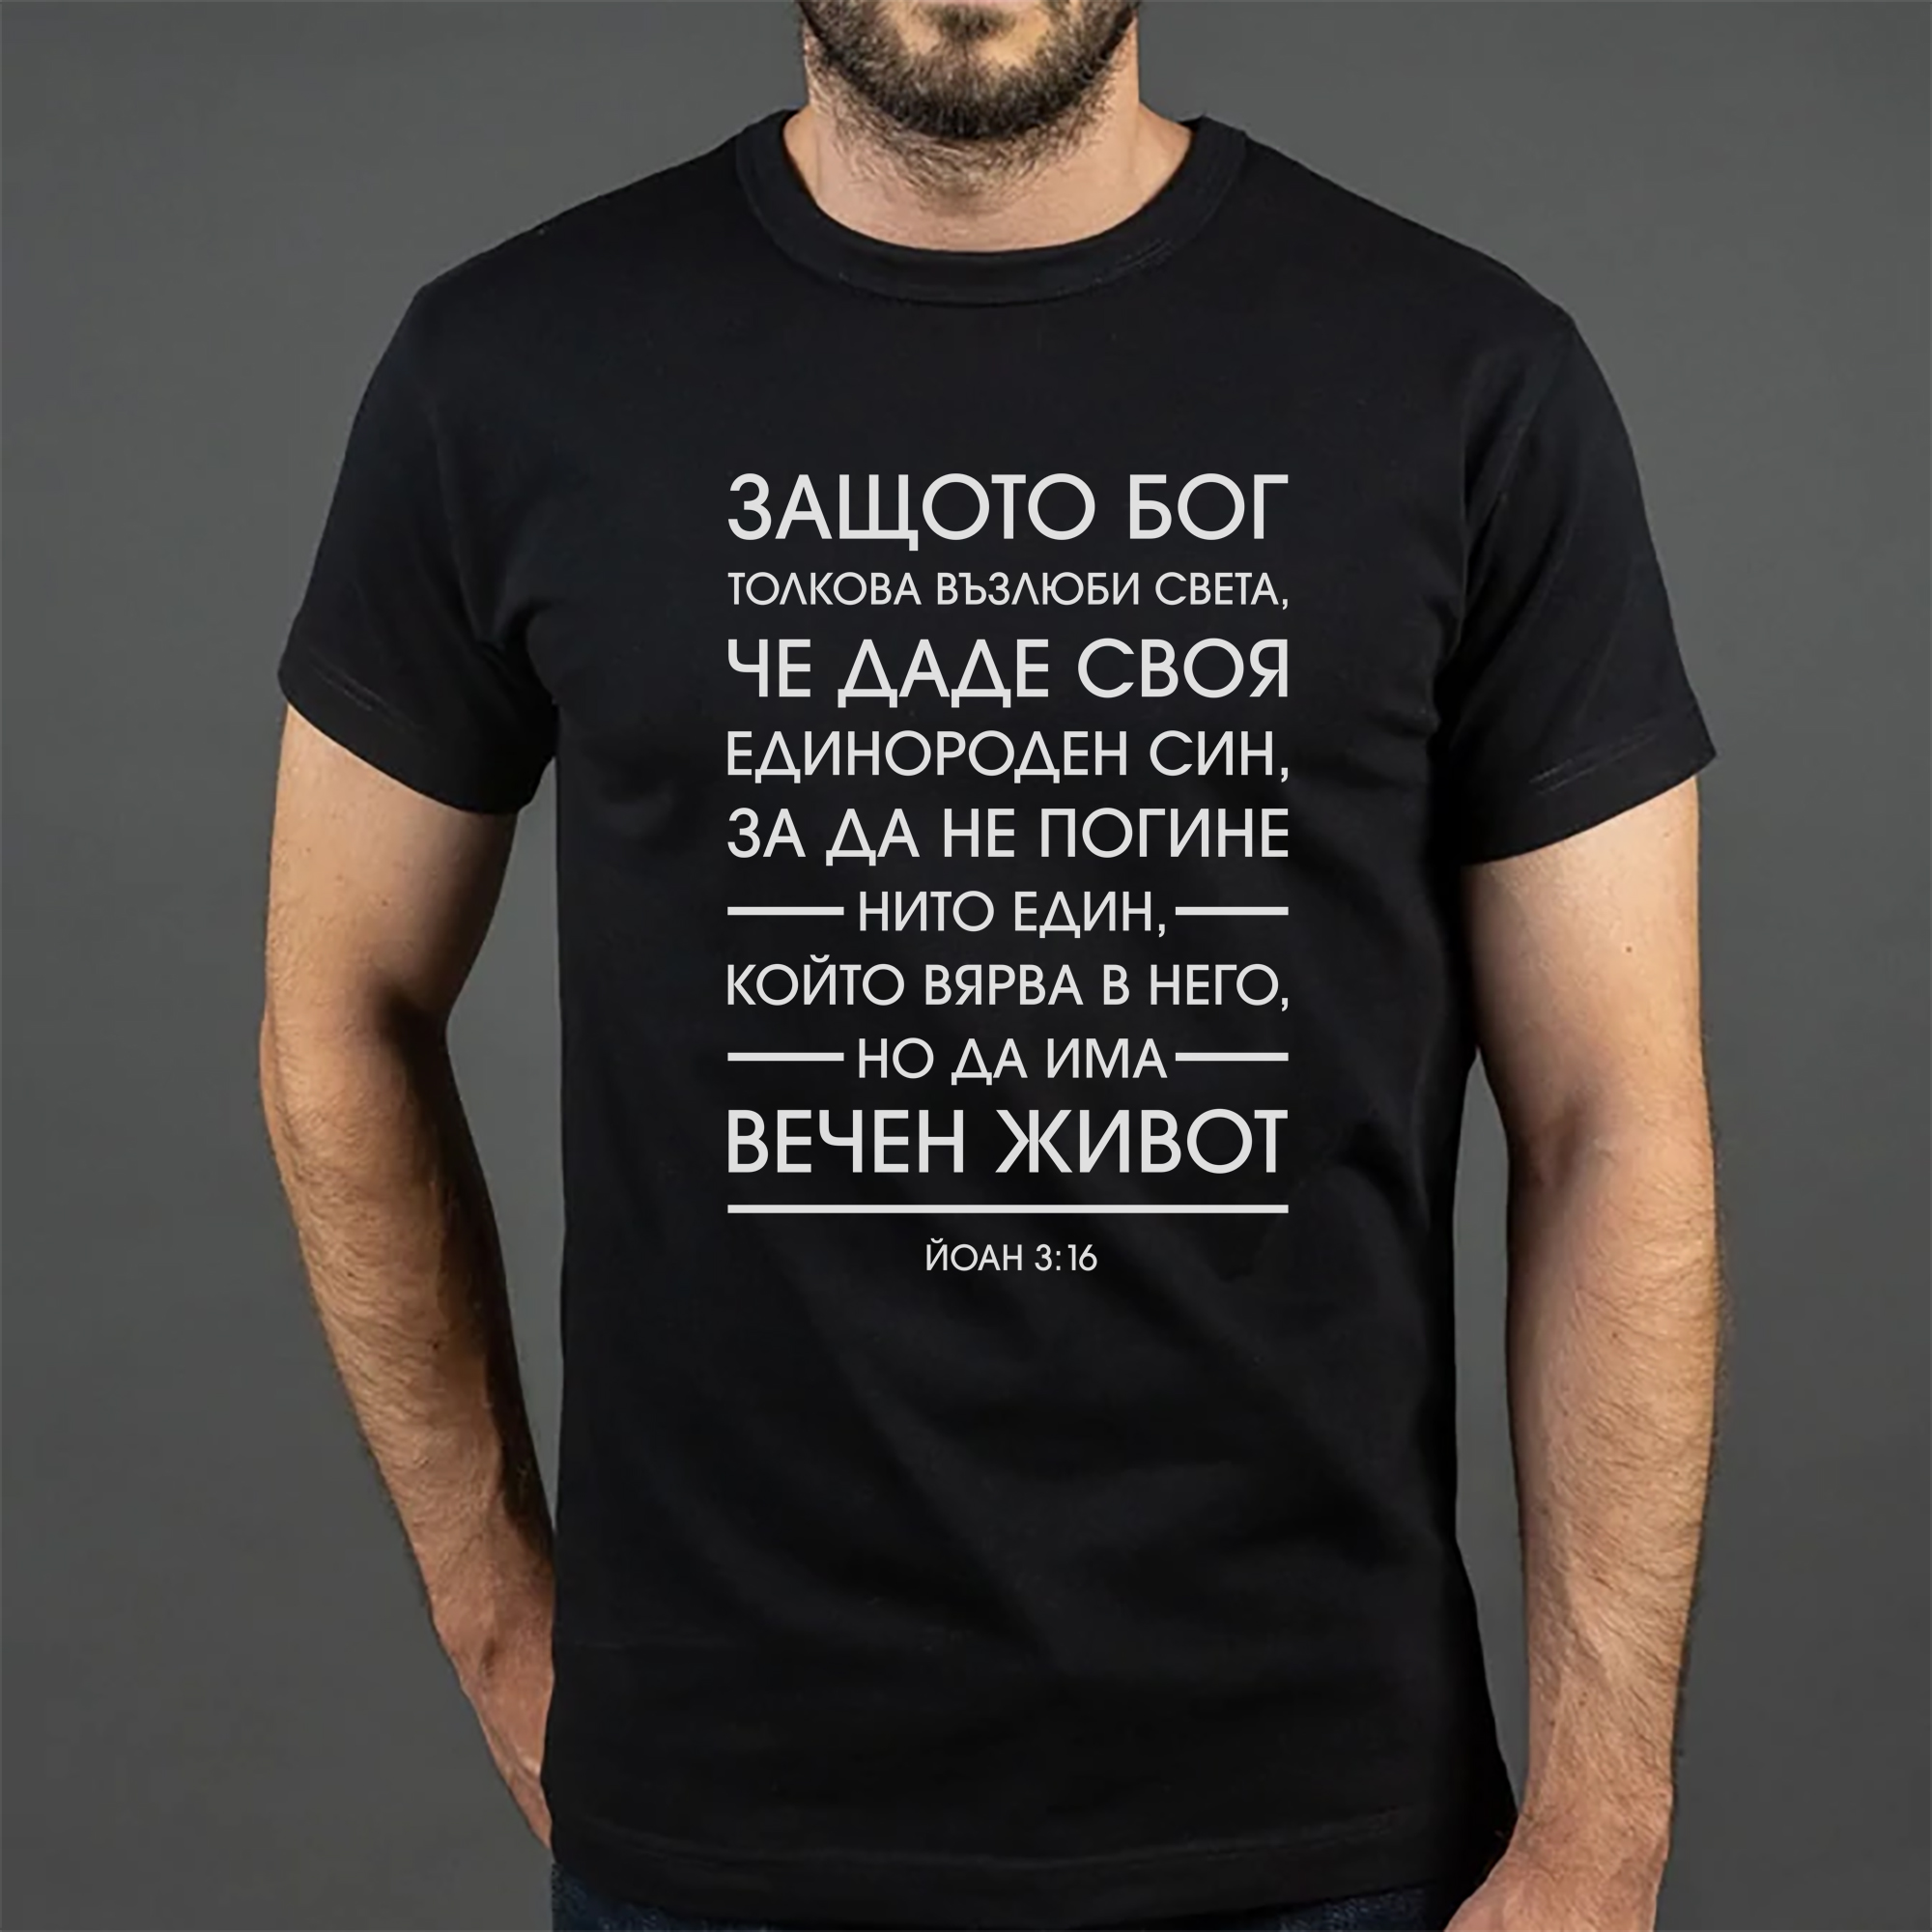 Тениска - Йоан 3:16 (размер M)